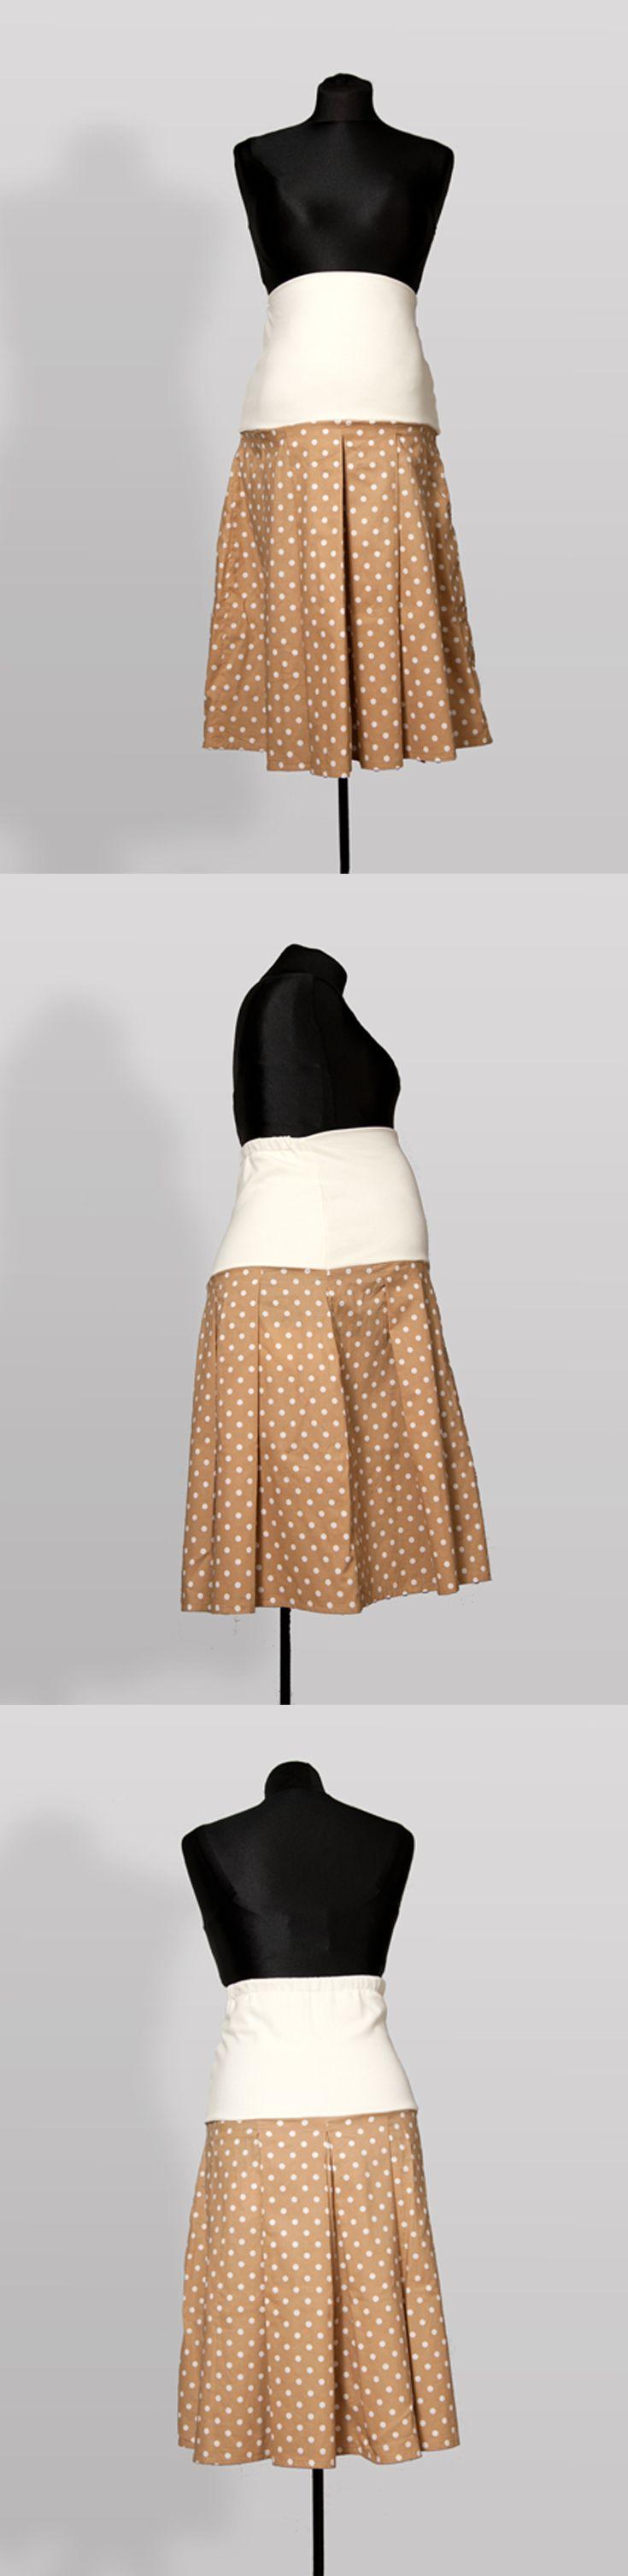 SK004 – Sukně Béžová šedesátá Těhotenská sukně z bavlněné látky s pružným pásem Ideální do práce Pružný pás pro zvětšující se bříško Pás je možné nosit přes bříško nebo ohnutý Sukni je možné nosit i po těhotenství